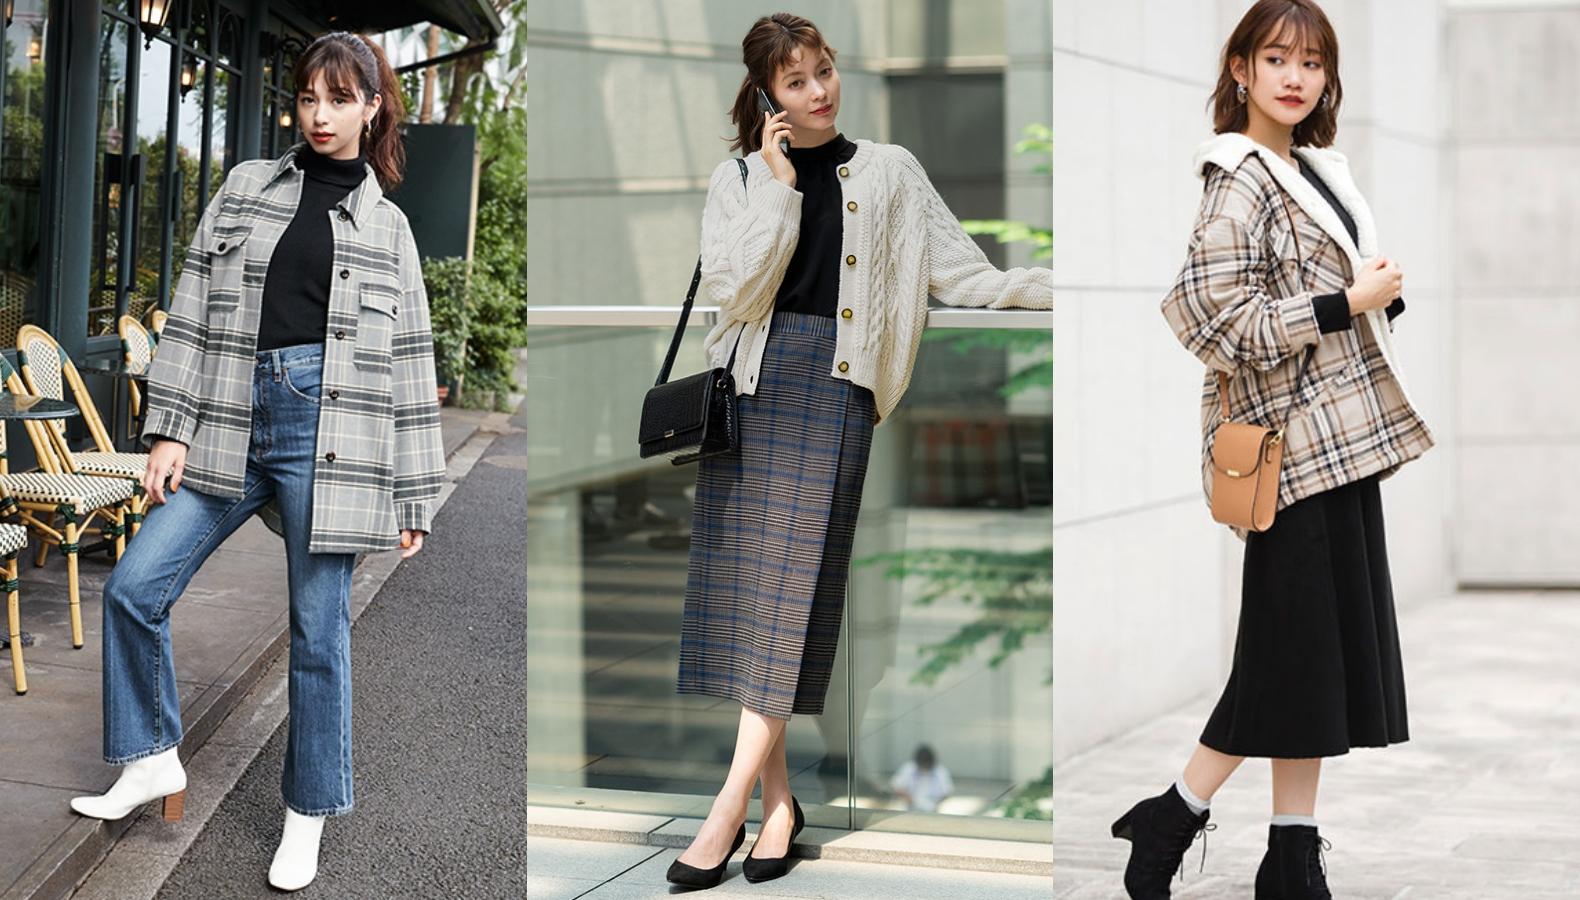 這樣穿視覺秒減-3KG!學習日本女孩的「多層次顯瘦穿搭法」今年冬天就靠這幾招